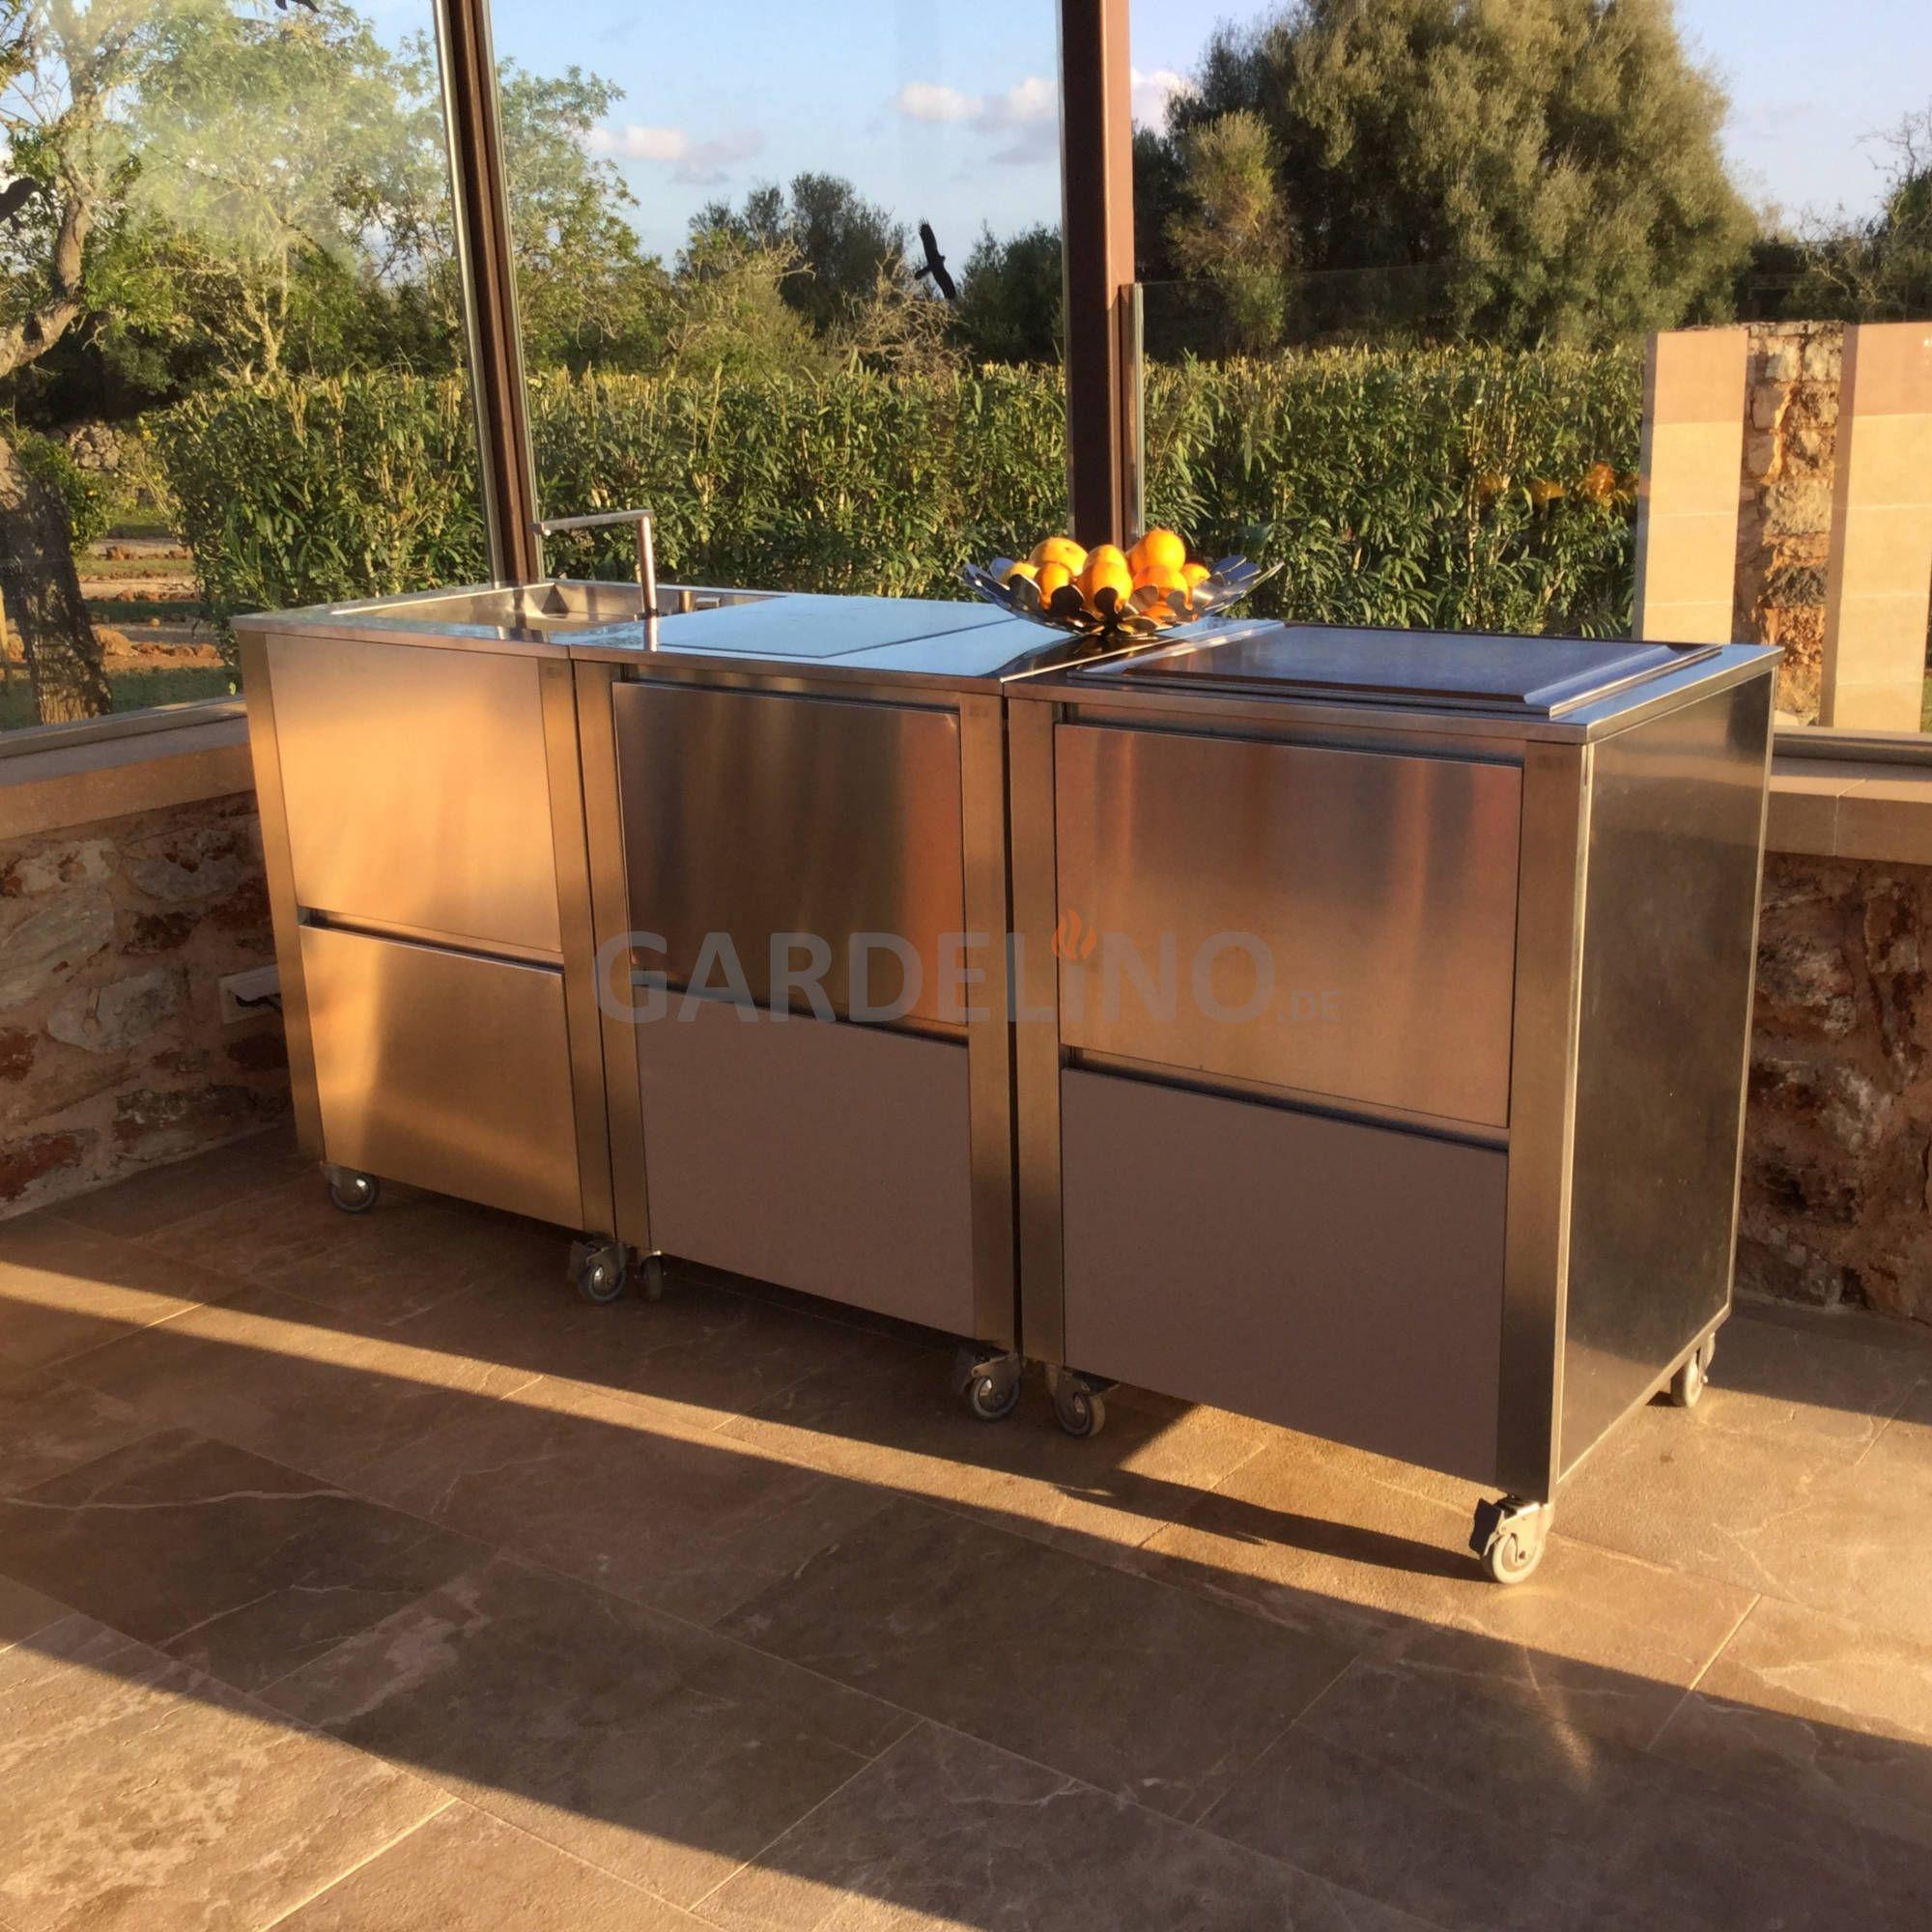 Full Size of Mobile Outdoorküche Outdoor Kche Hngeregal Wandtattoos Fliesenspiegel Küche Wohnzimmer Mobile Outdoorküche